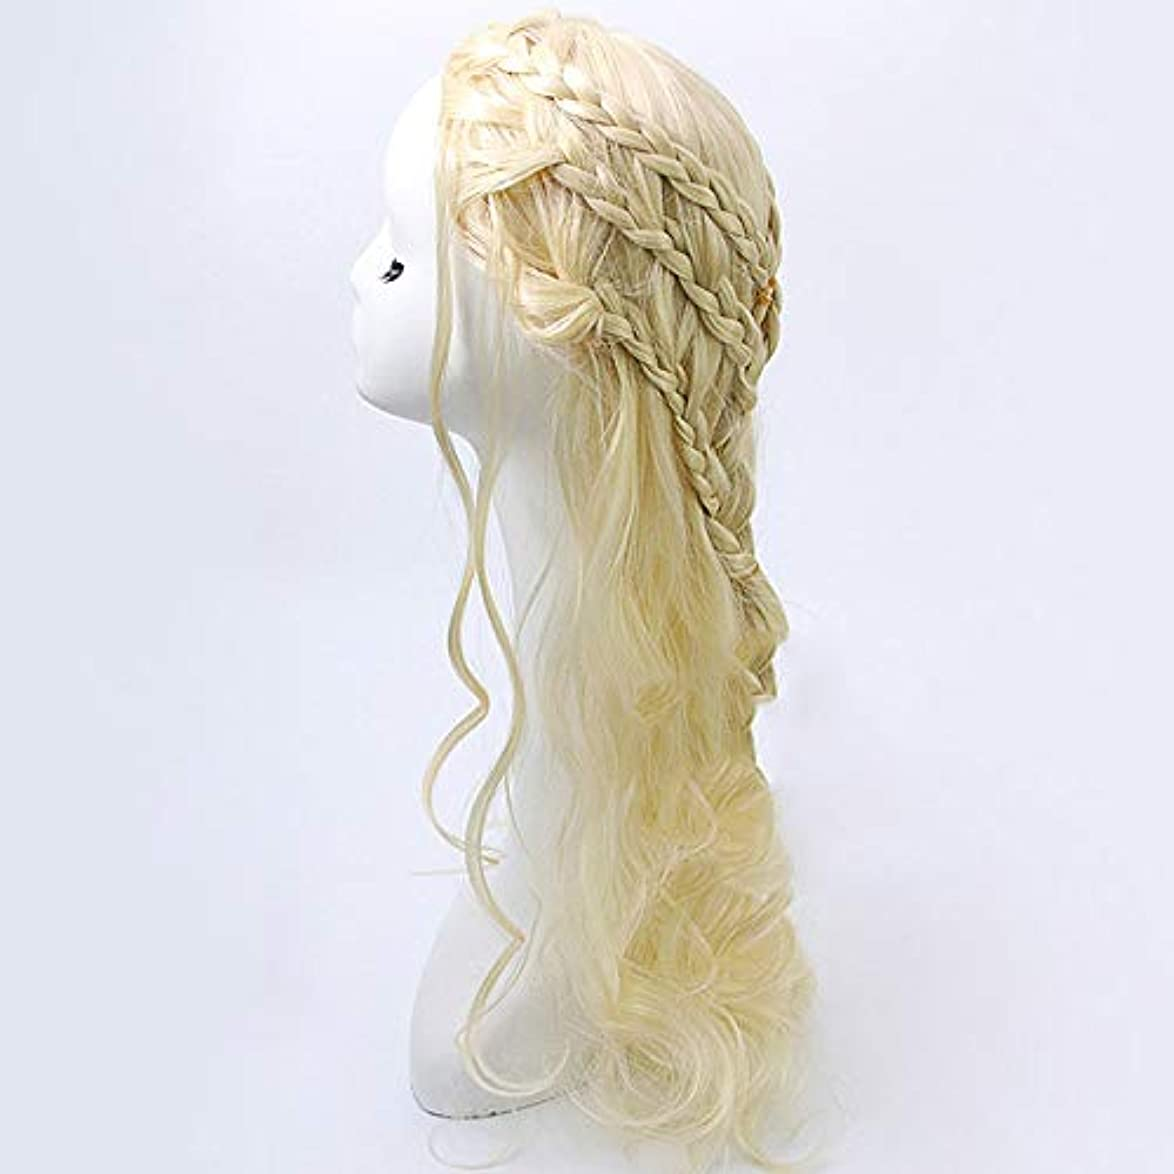 シェルター請負業者触覚WASAIO ブロンドのかつらライト前髪自然に見える長い巻き毛のかつら65 cm (色 : Blonde)